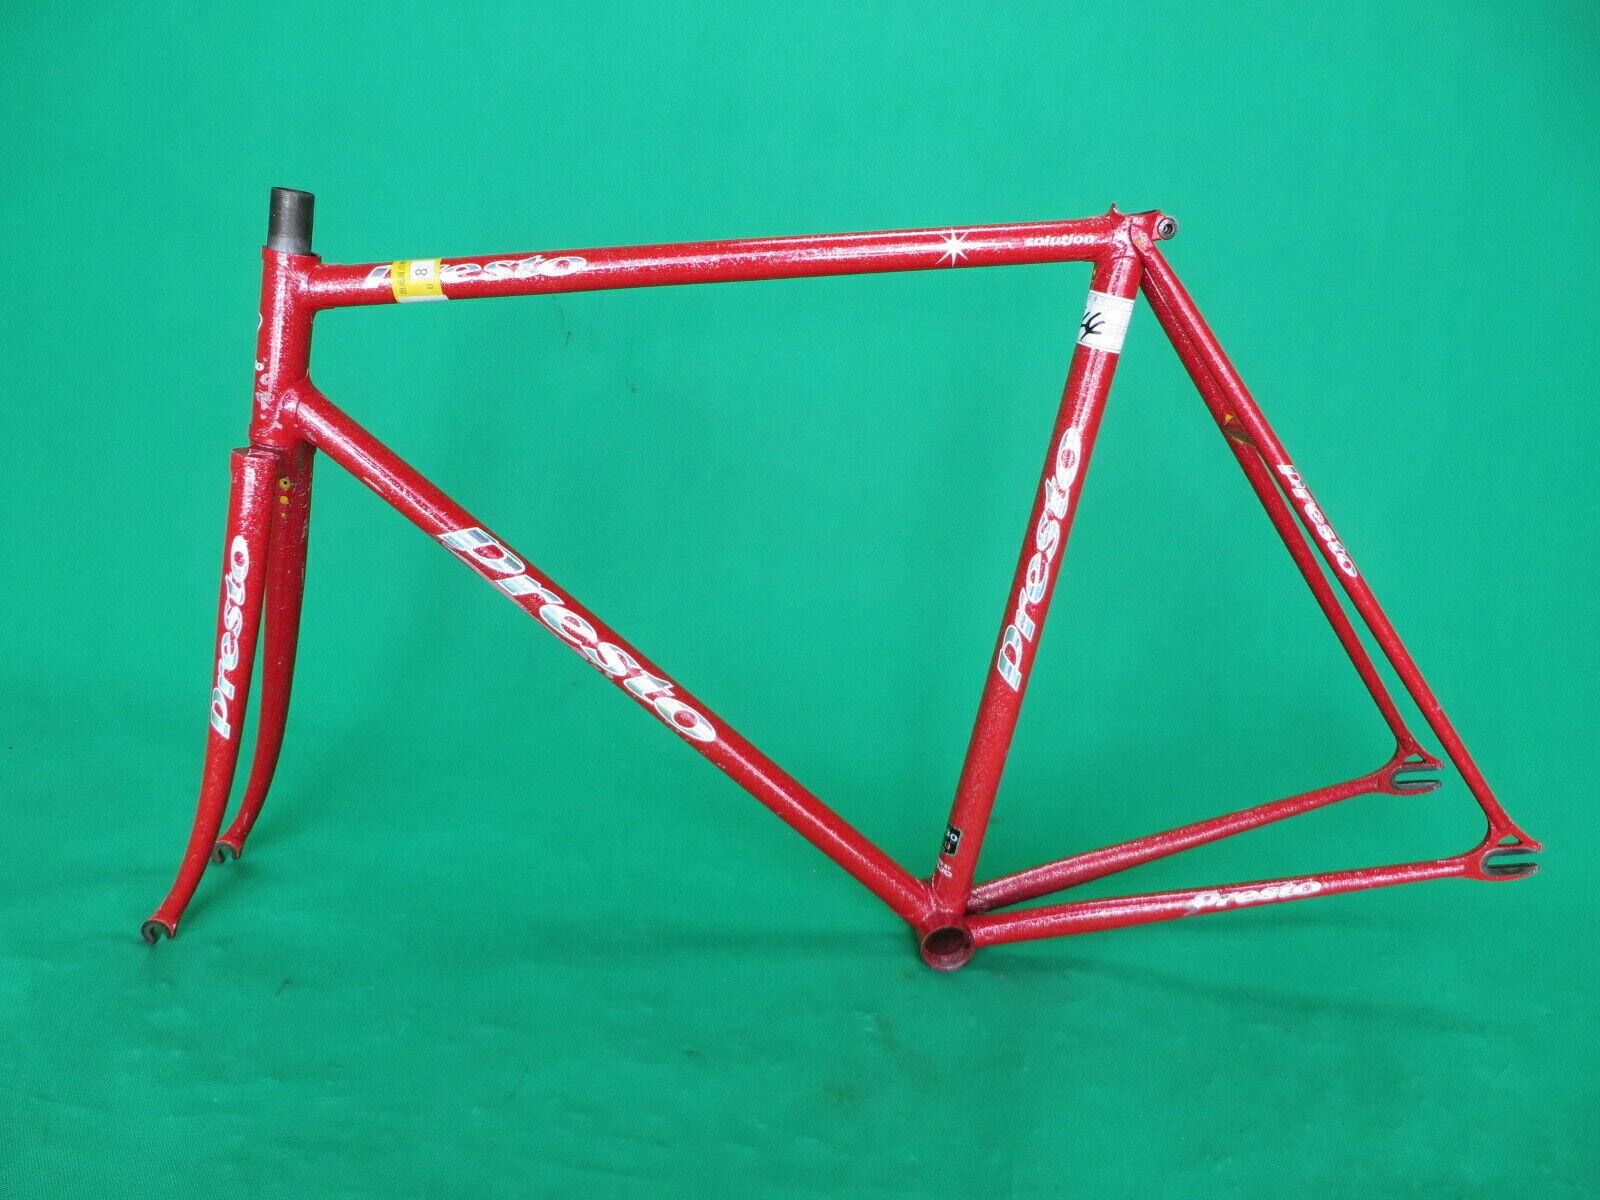 Presto NJS Keirin Frame Conjunto de pista de Bicicleta Fixie Kaisei 8630 019 tubería 52.5cm